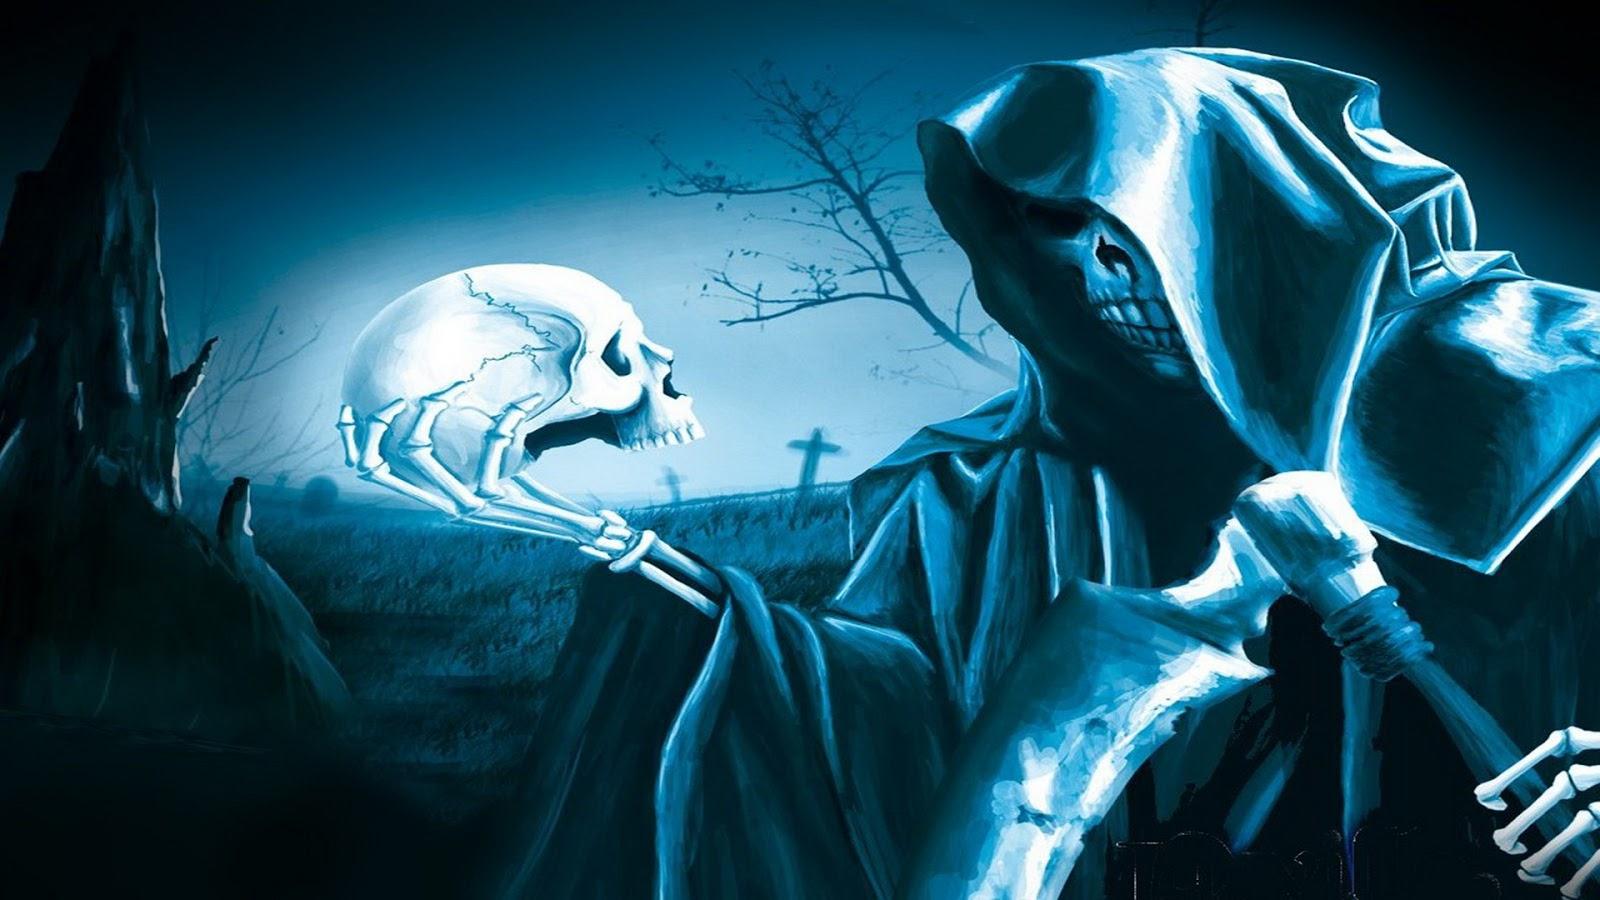 Вечер, крутые картинки смерть с косой